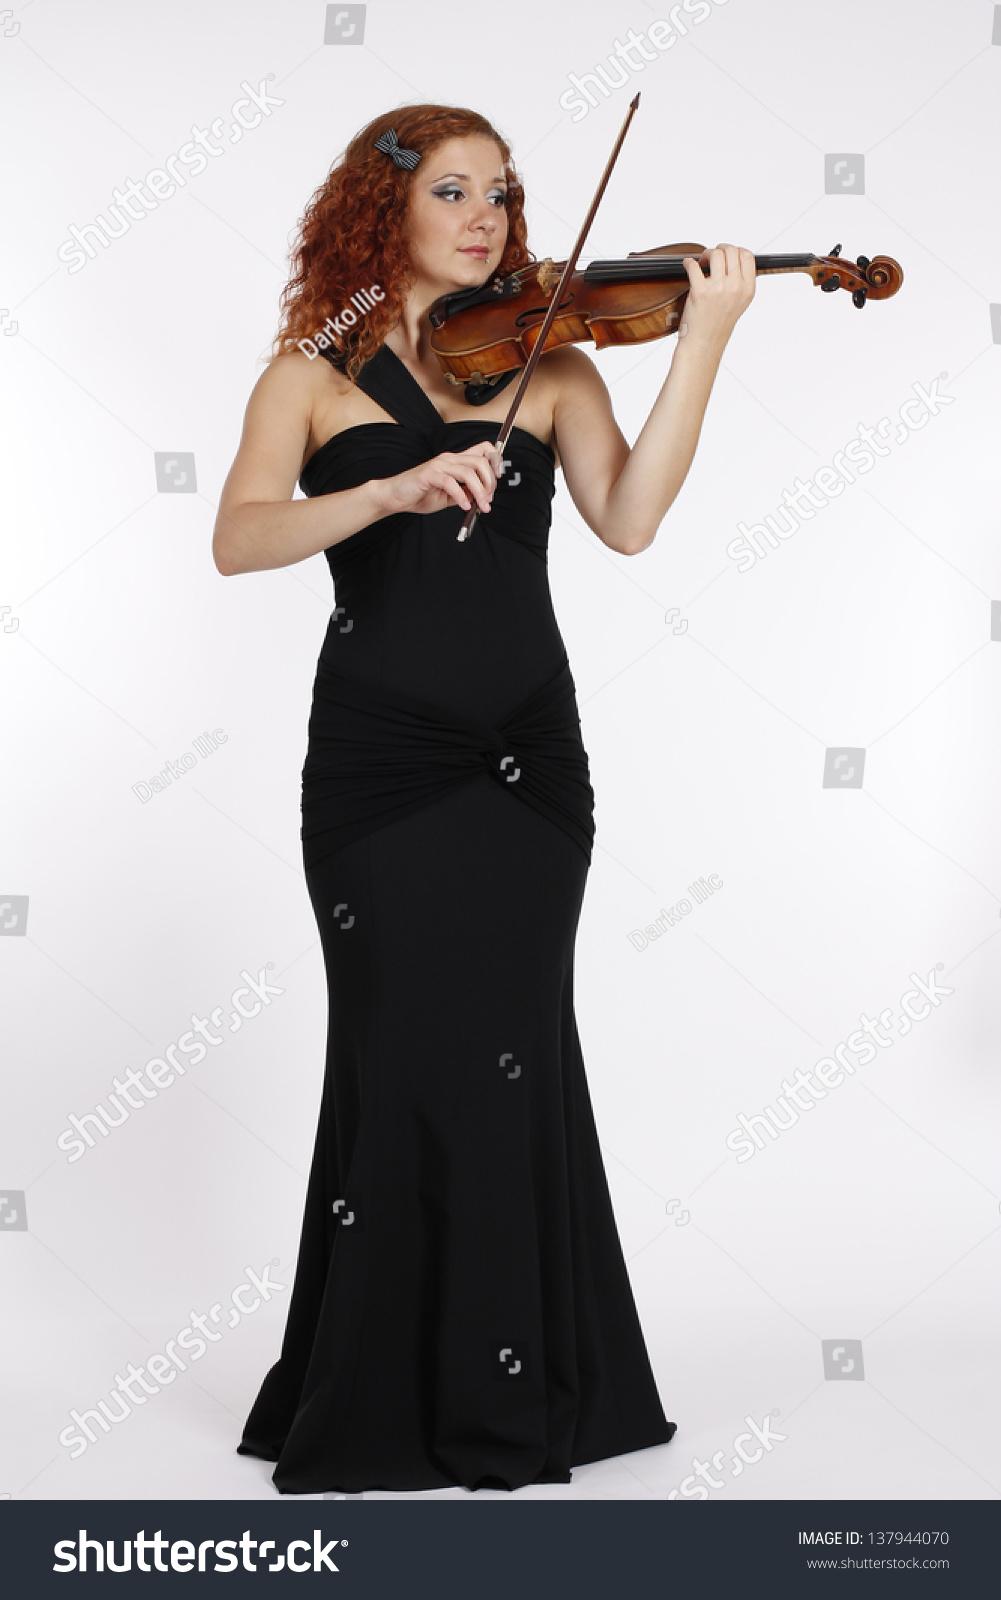 Girl in a long black dress